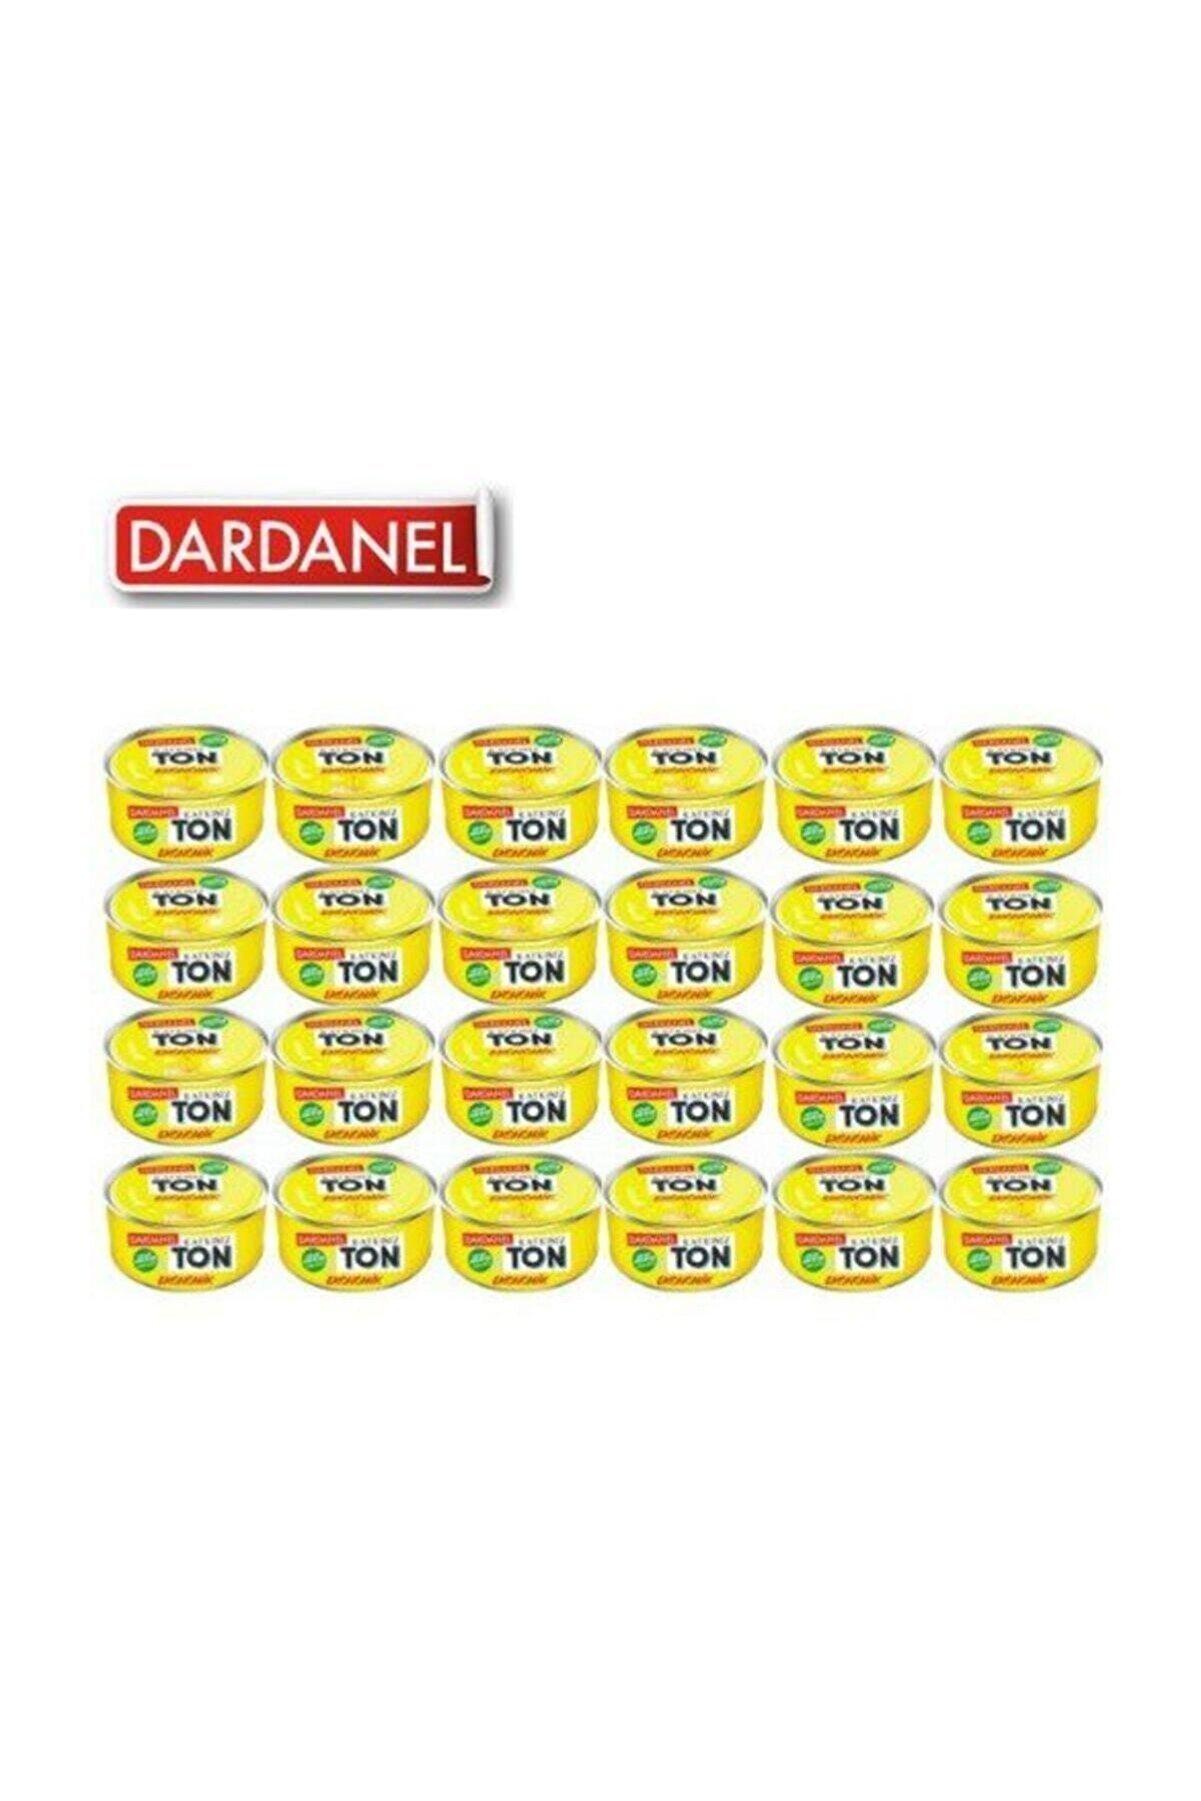 Dardanel Ekonomik Ton Balığı 80 gr X 24 Adet